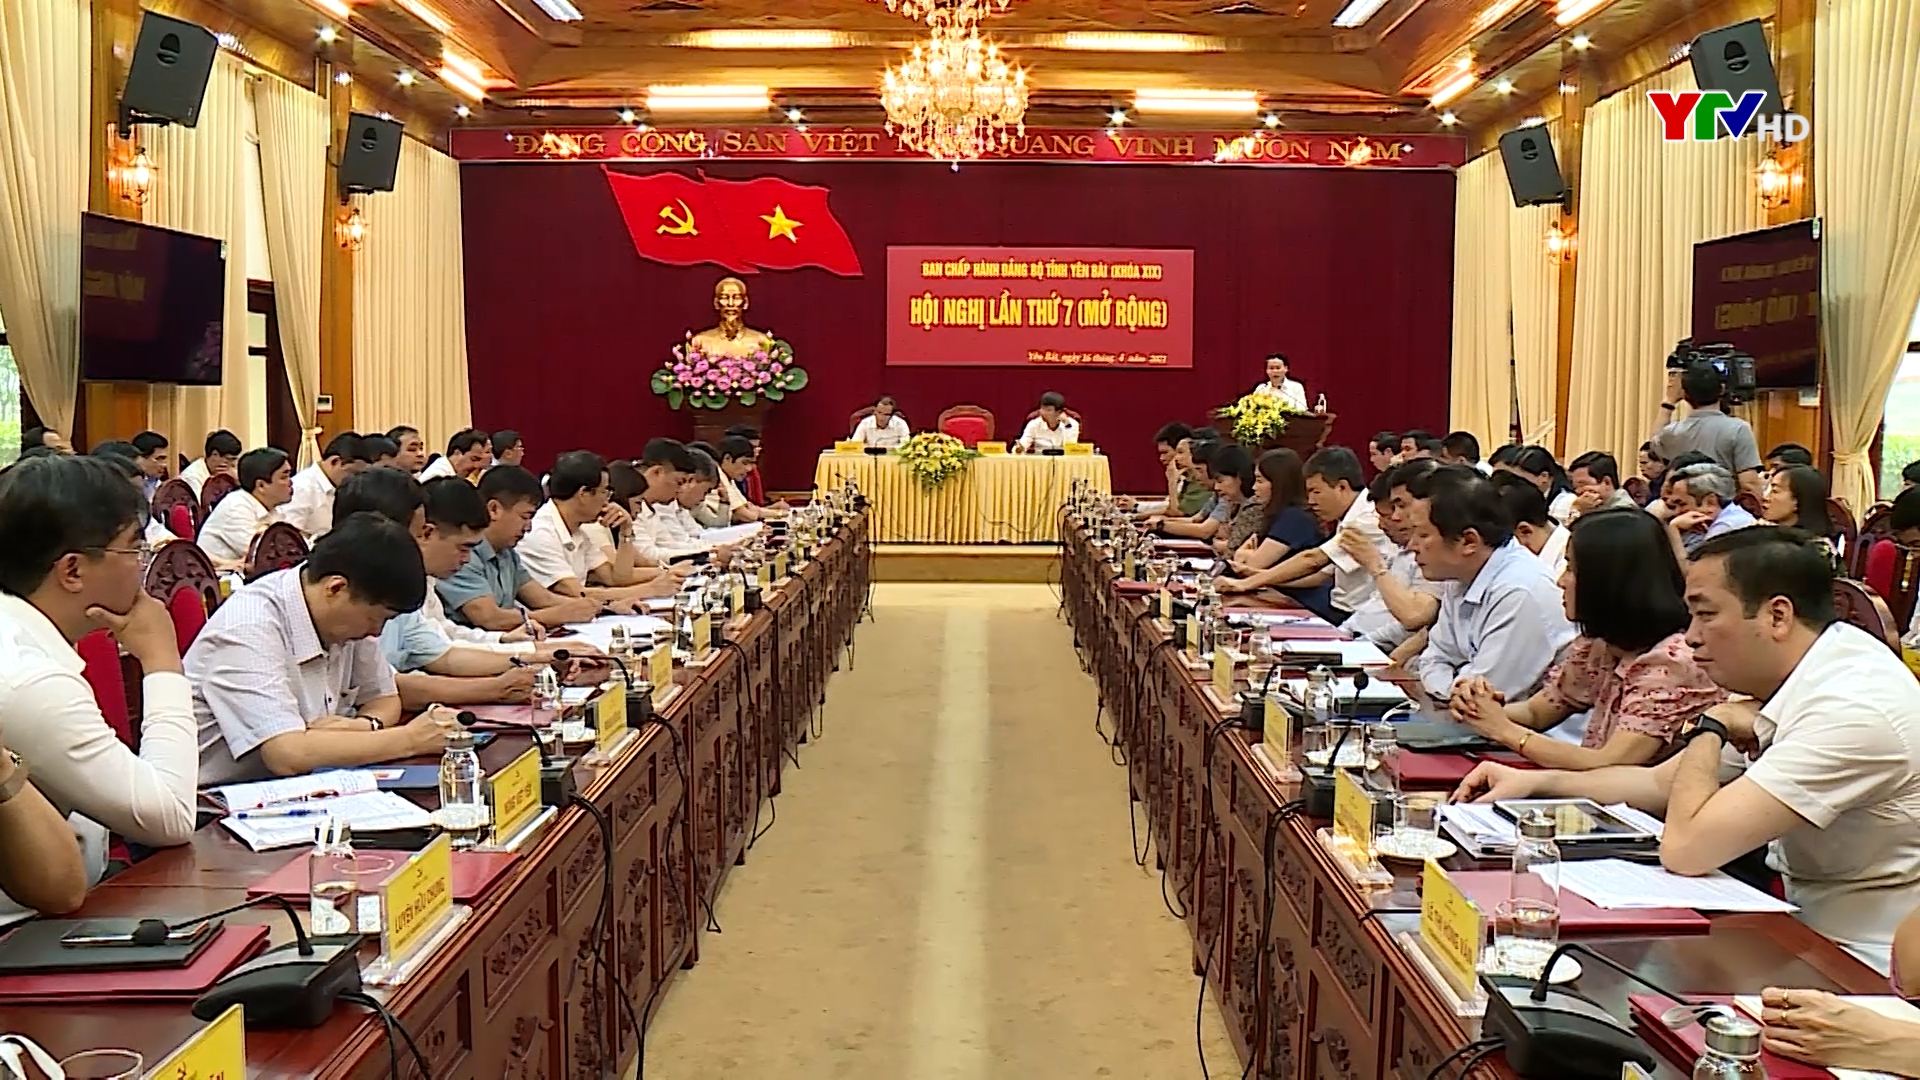 Phát biểu bế mạc Hội nghị lần thứ 7 - Ban Chấp hành Đảng bộ tỉnh khóa XIX của đồng chí Bí thư Tỉnh ủy Đỗ Đức Duy